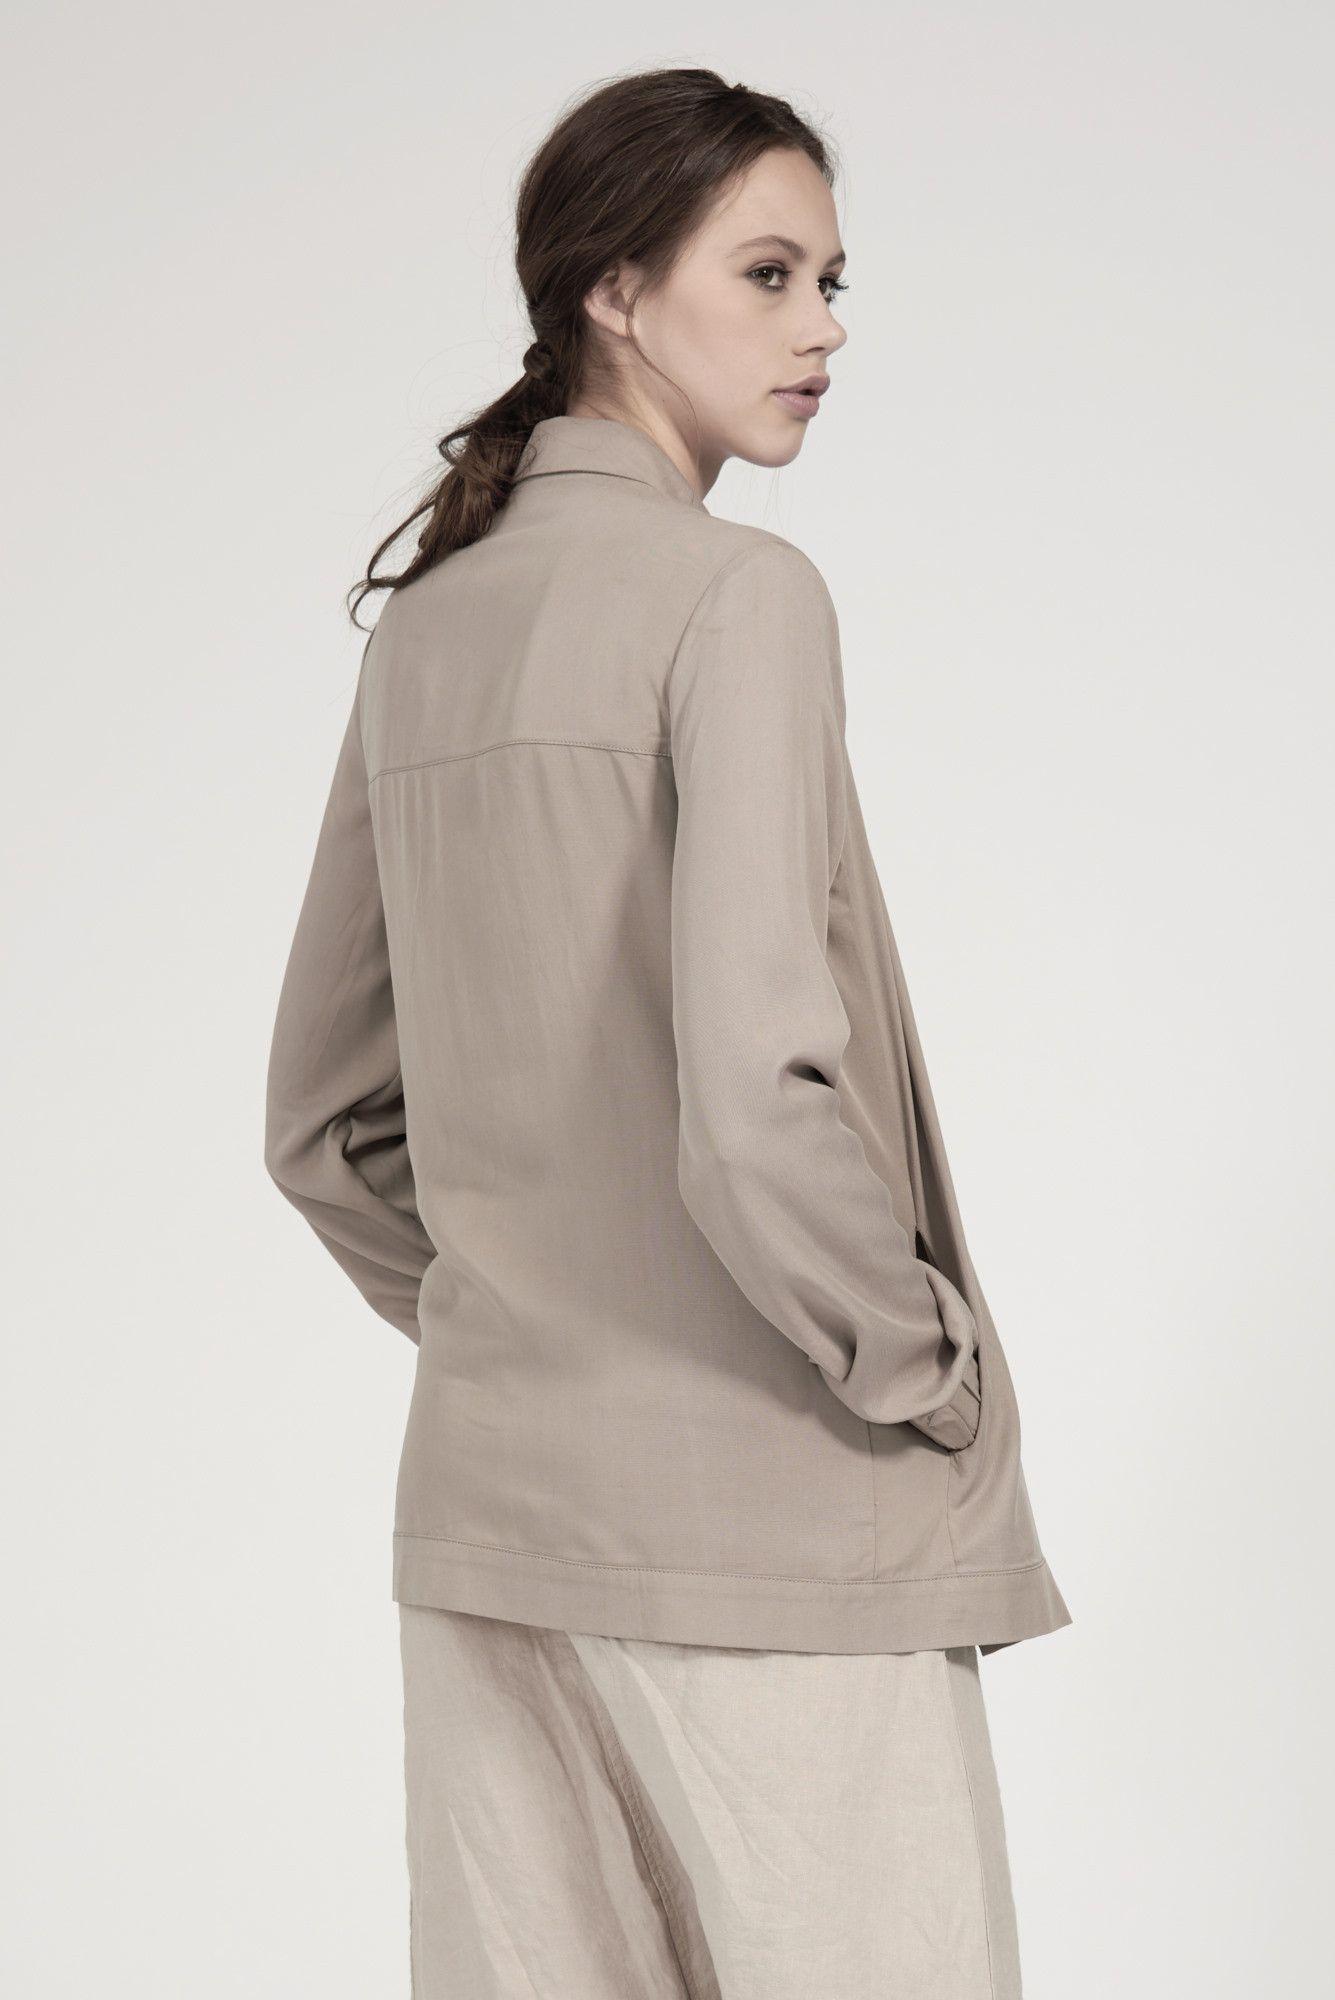 Long Asym Jacket in Beige